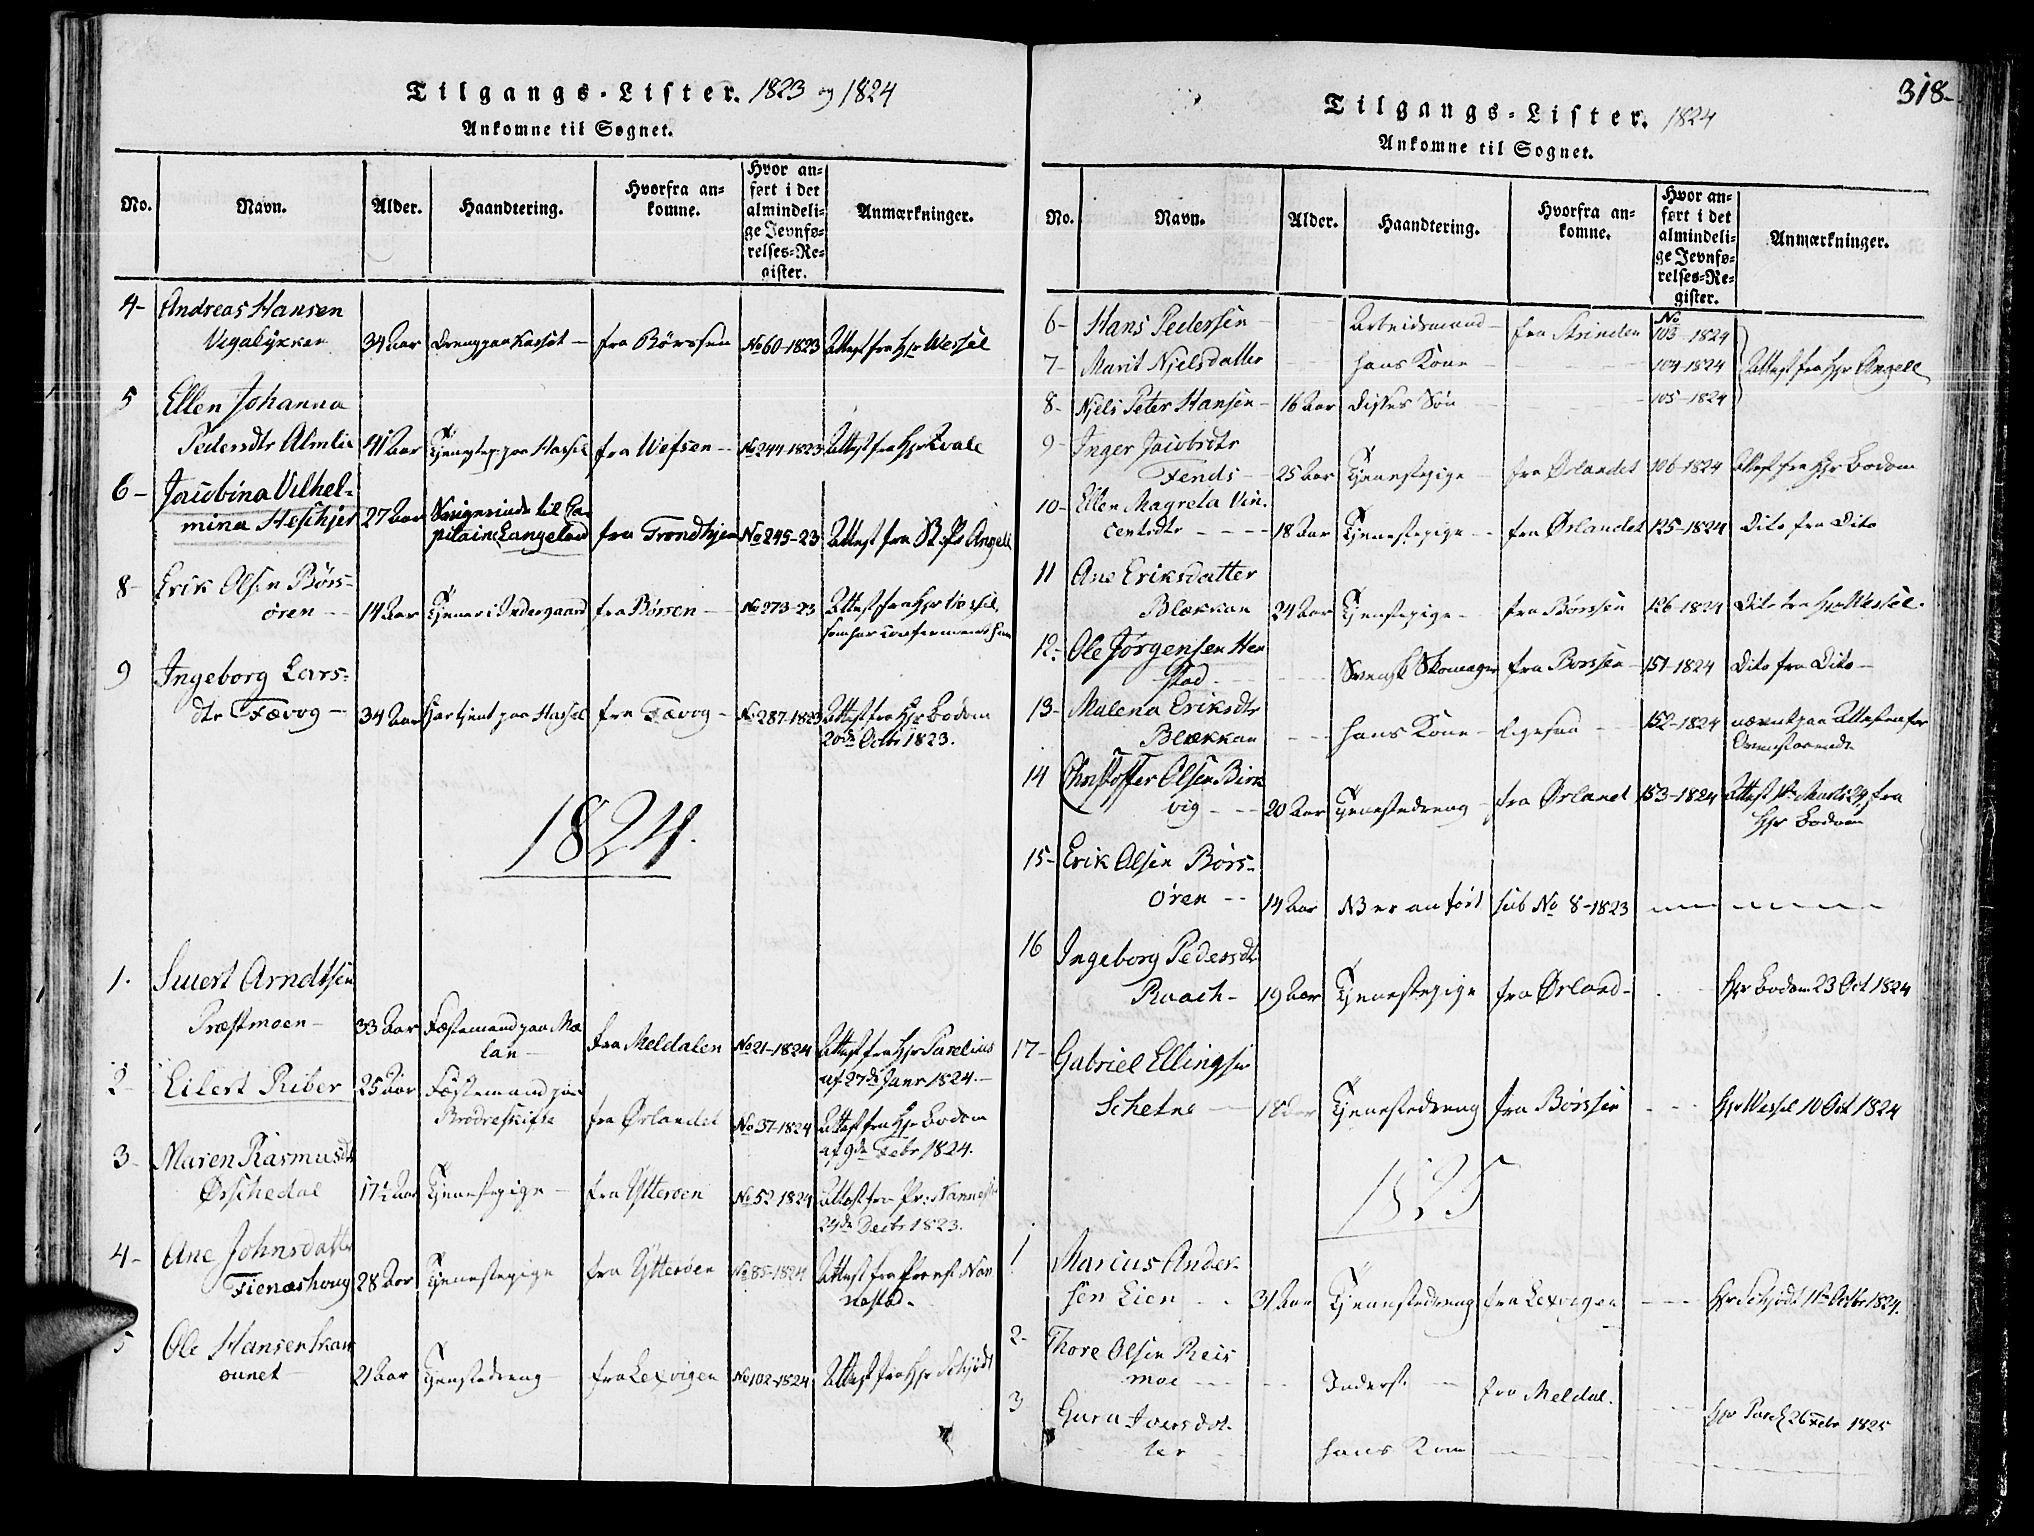 SAT, Ministerialprotokoller, klokkerbøker og fødselsregistre - Sør-Trøndelag, 646/L0608: Ministerialbok nr. 646A06, 1816-1825, s. 318